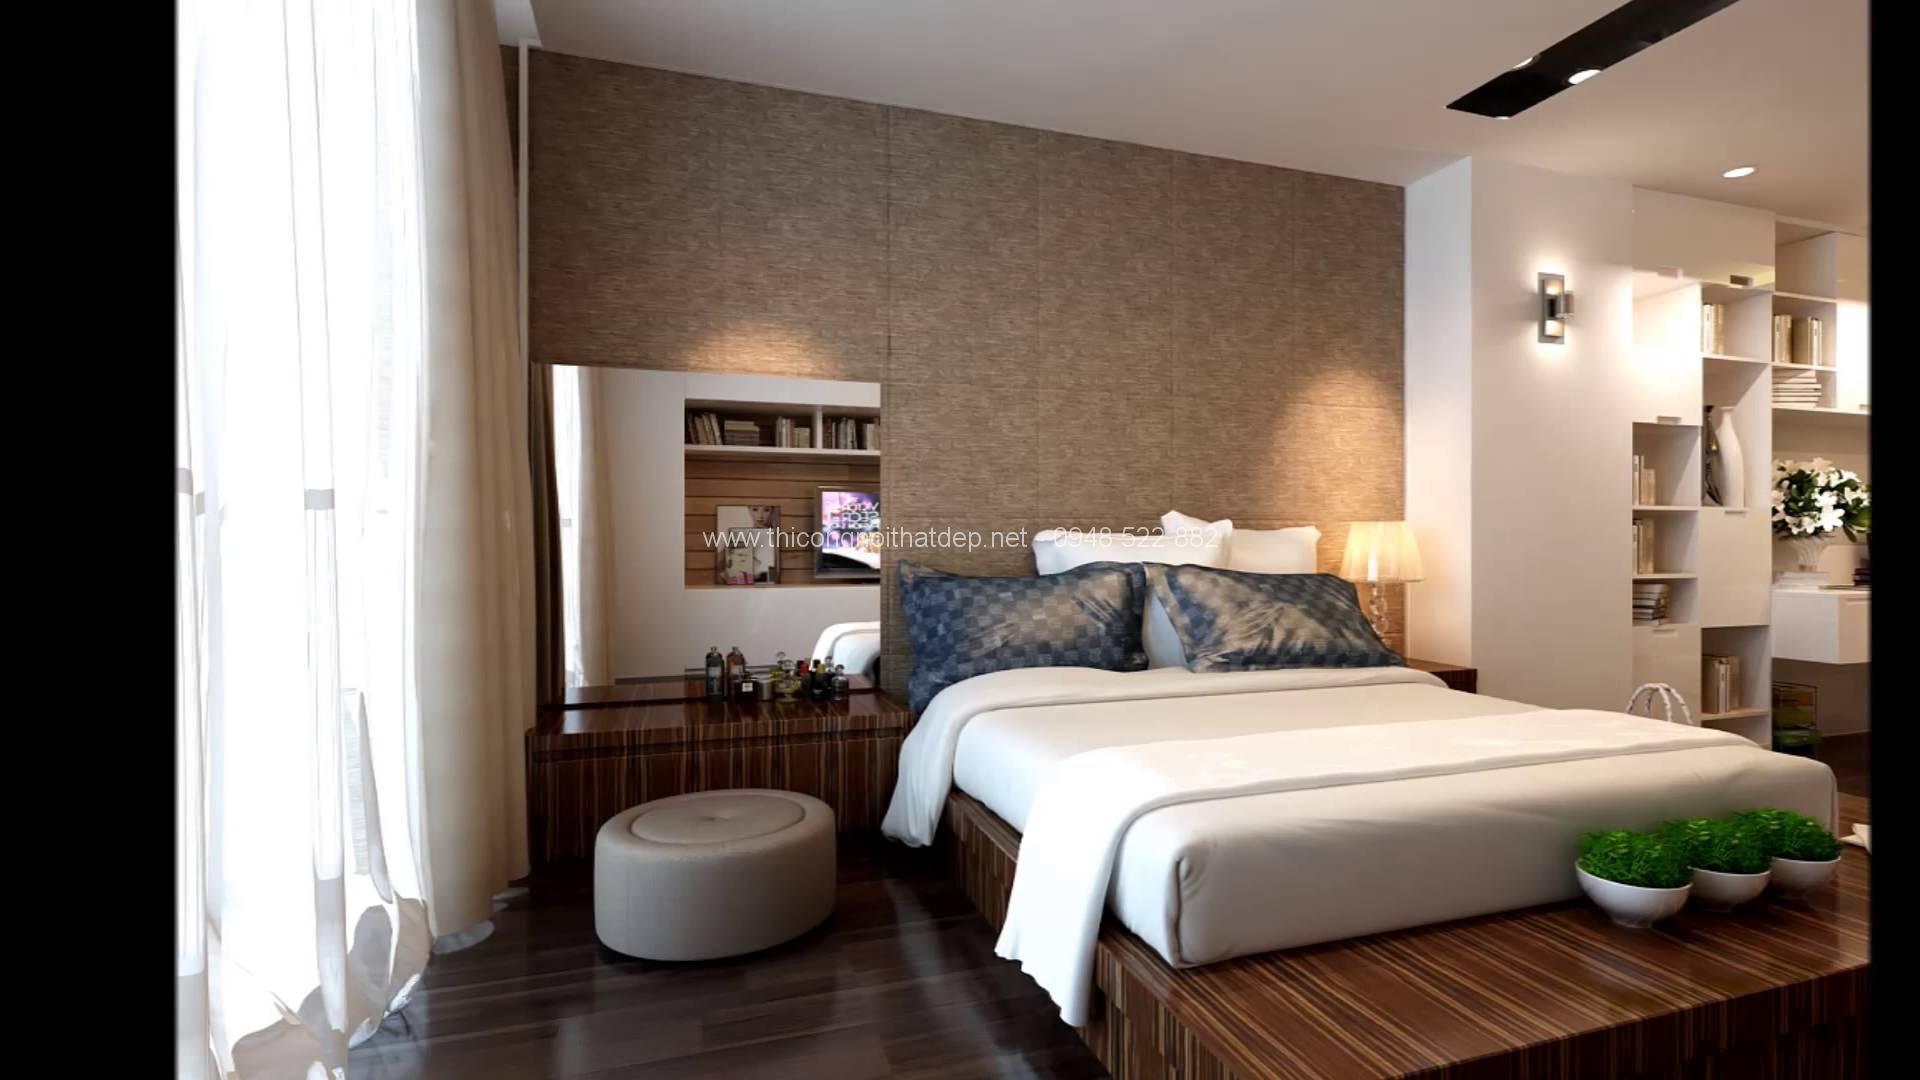 Phong cách lãng mạn trong thiết kế nội thất chung cư